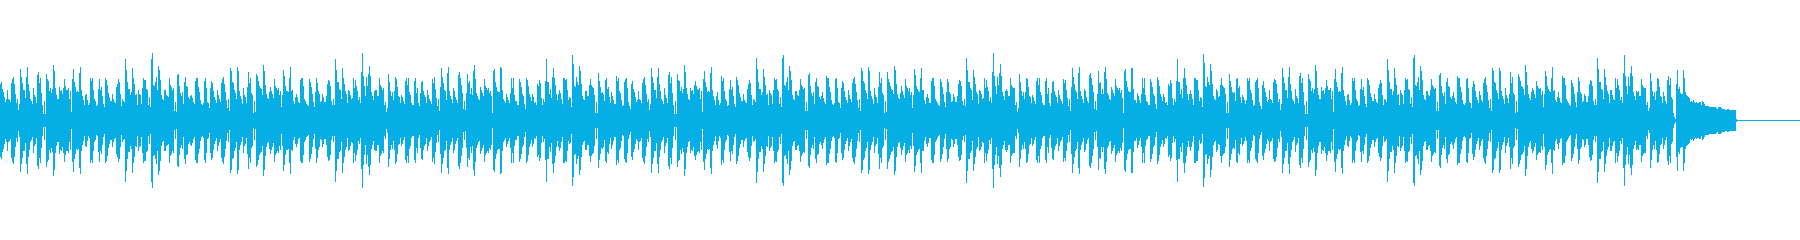 日常系BGMdの再生済みの波形